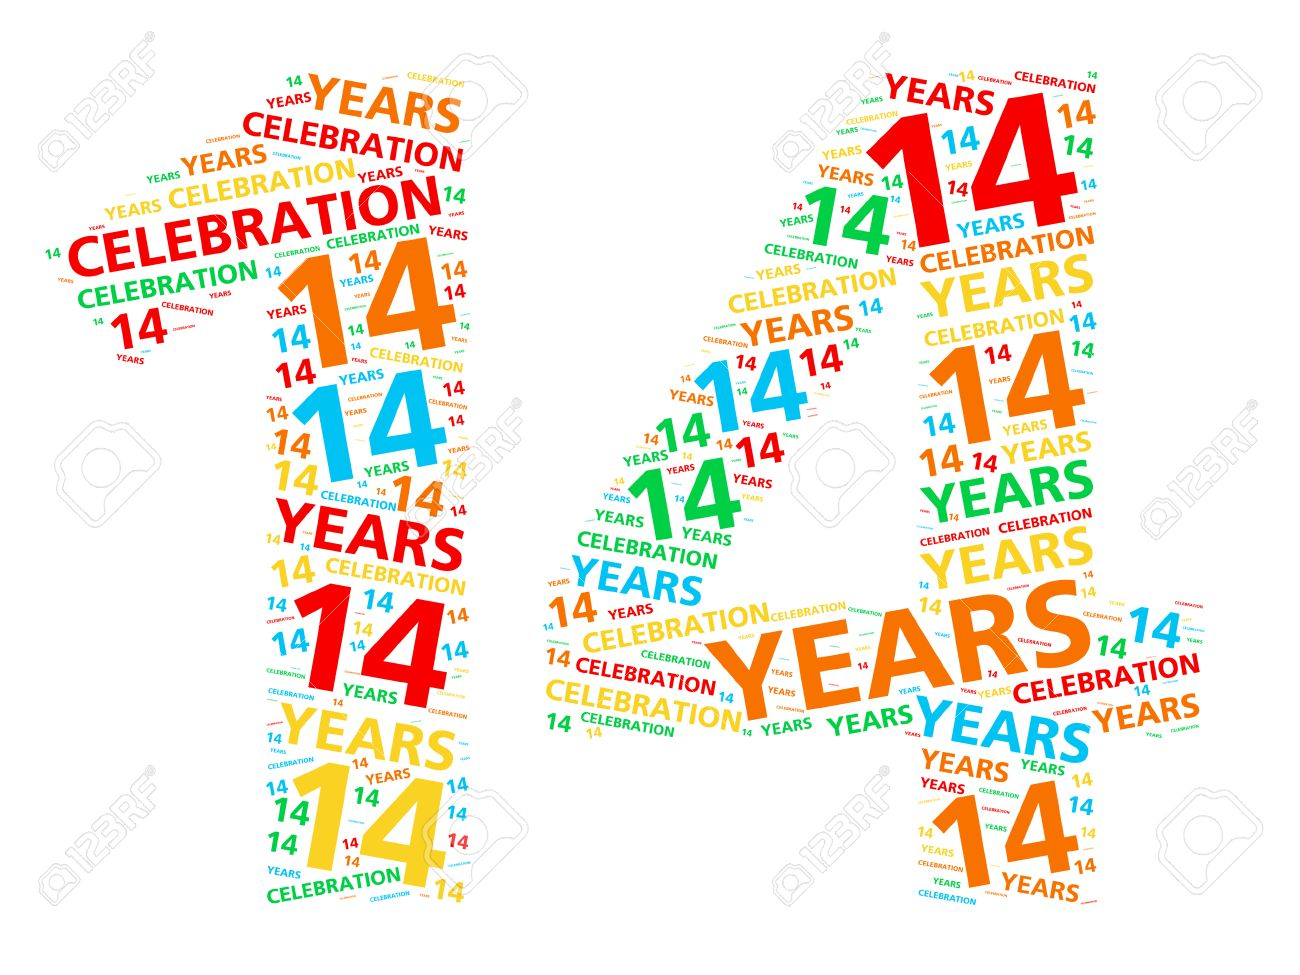 Bunte Wortwolke Für Feiert 14 Jahre Geburtstag Oder Jubiläum